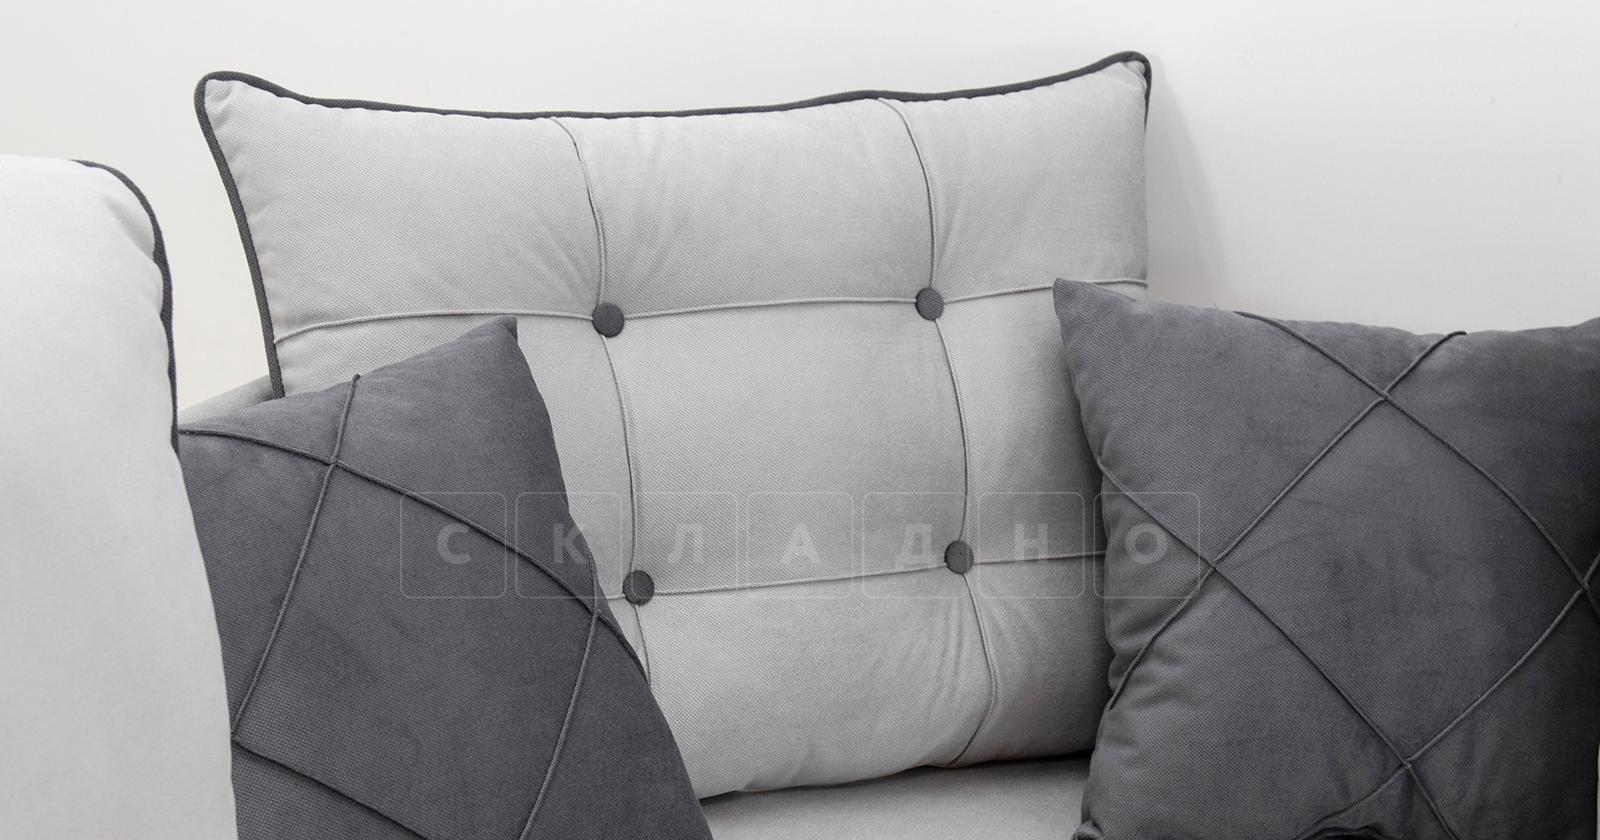 Диван-кровать угловой Флэтфорд светло-серый фото 9 | интернет-магазин Складно